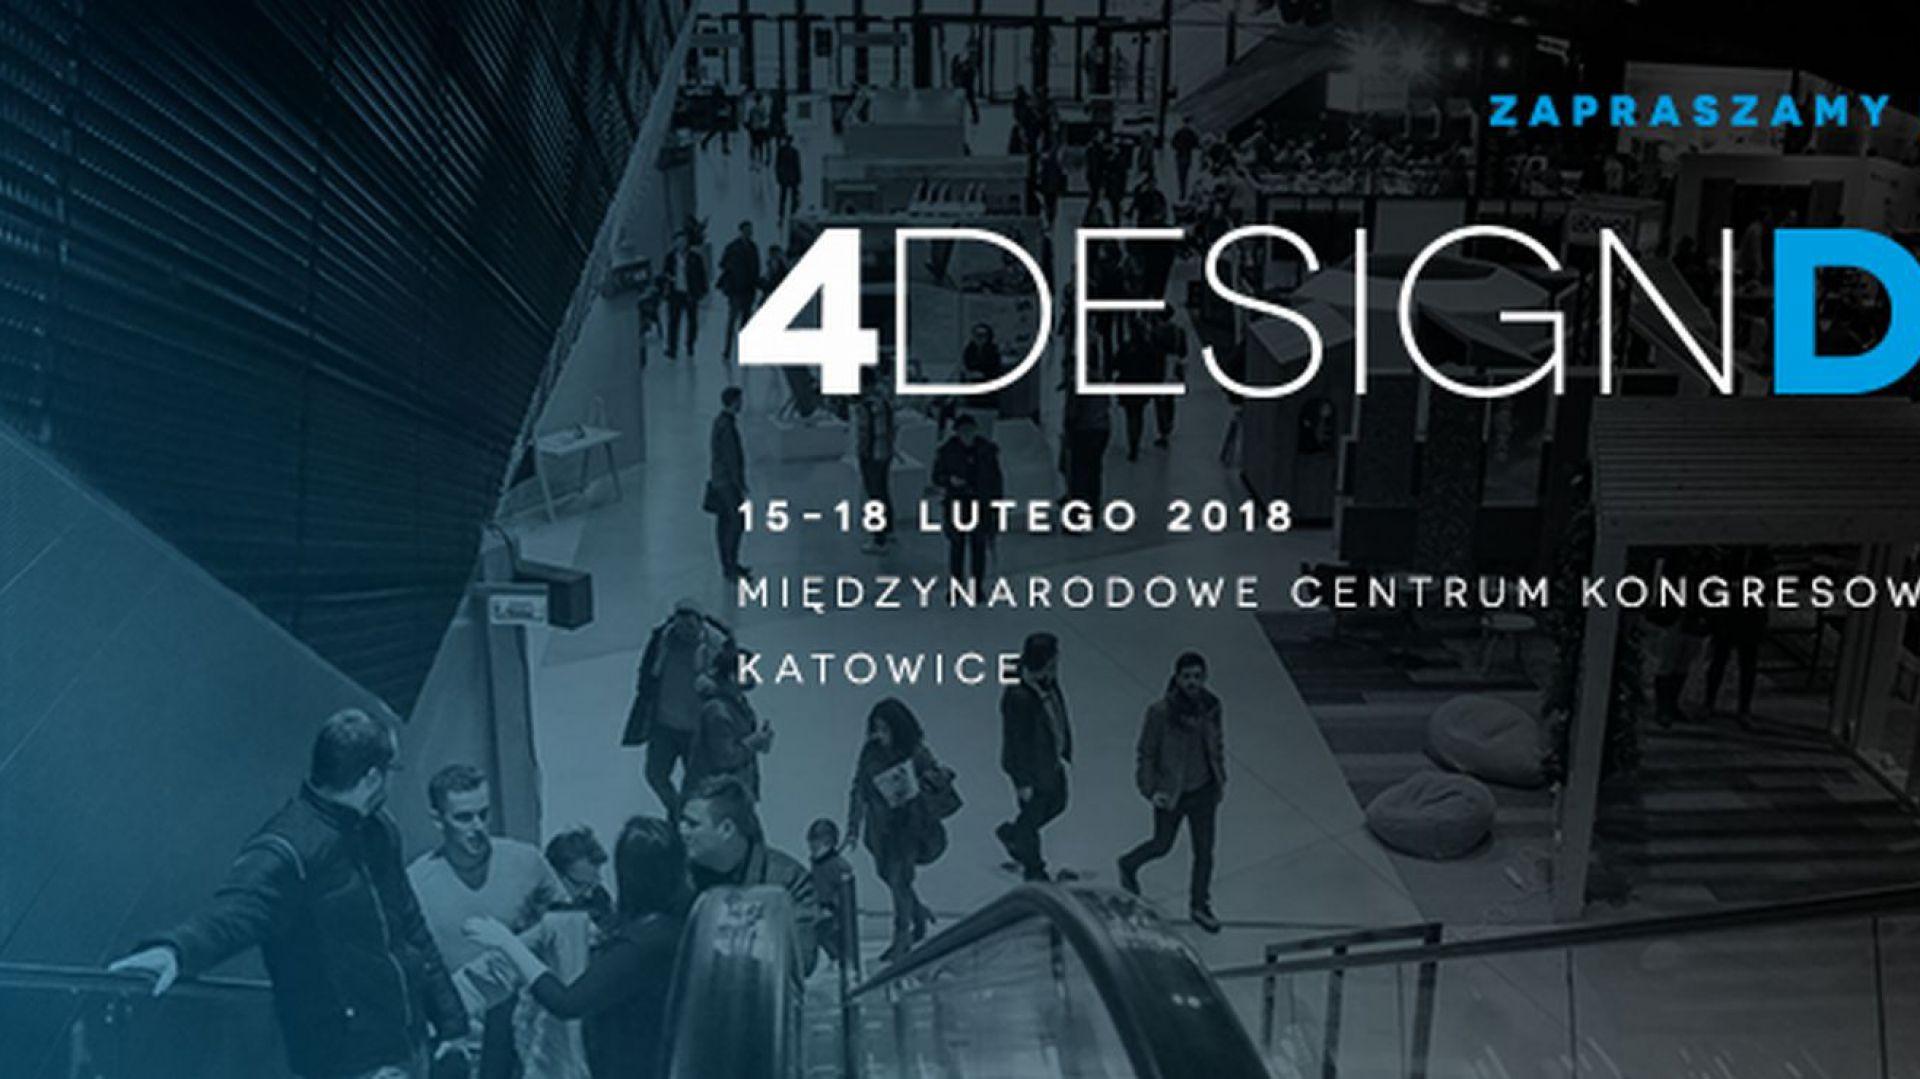 Przed nami III edycja 4 Design Days w Katowicach w dn. 15-18 lutego 2018 r.